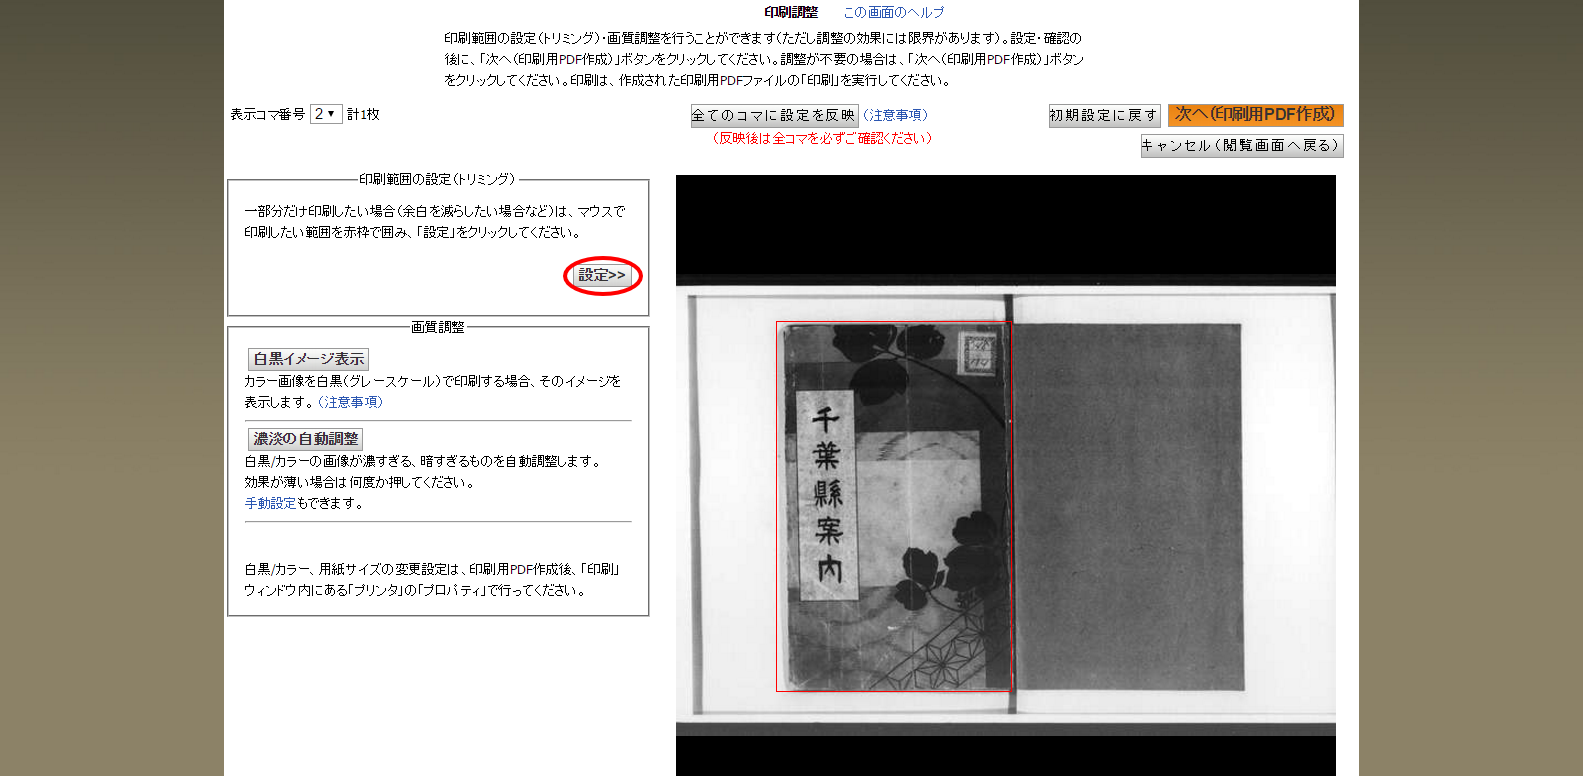 国立国会図書館デジタルコレクション   印刷調整画面2_設定.png